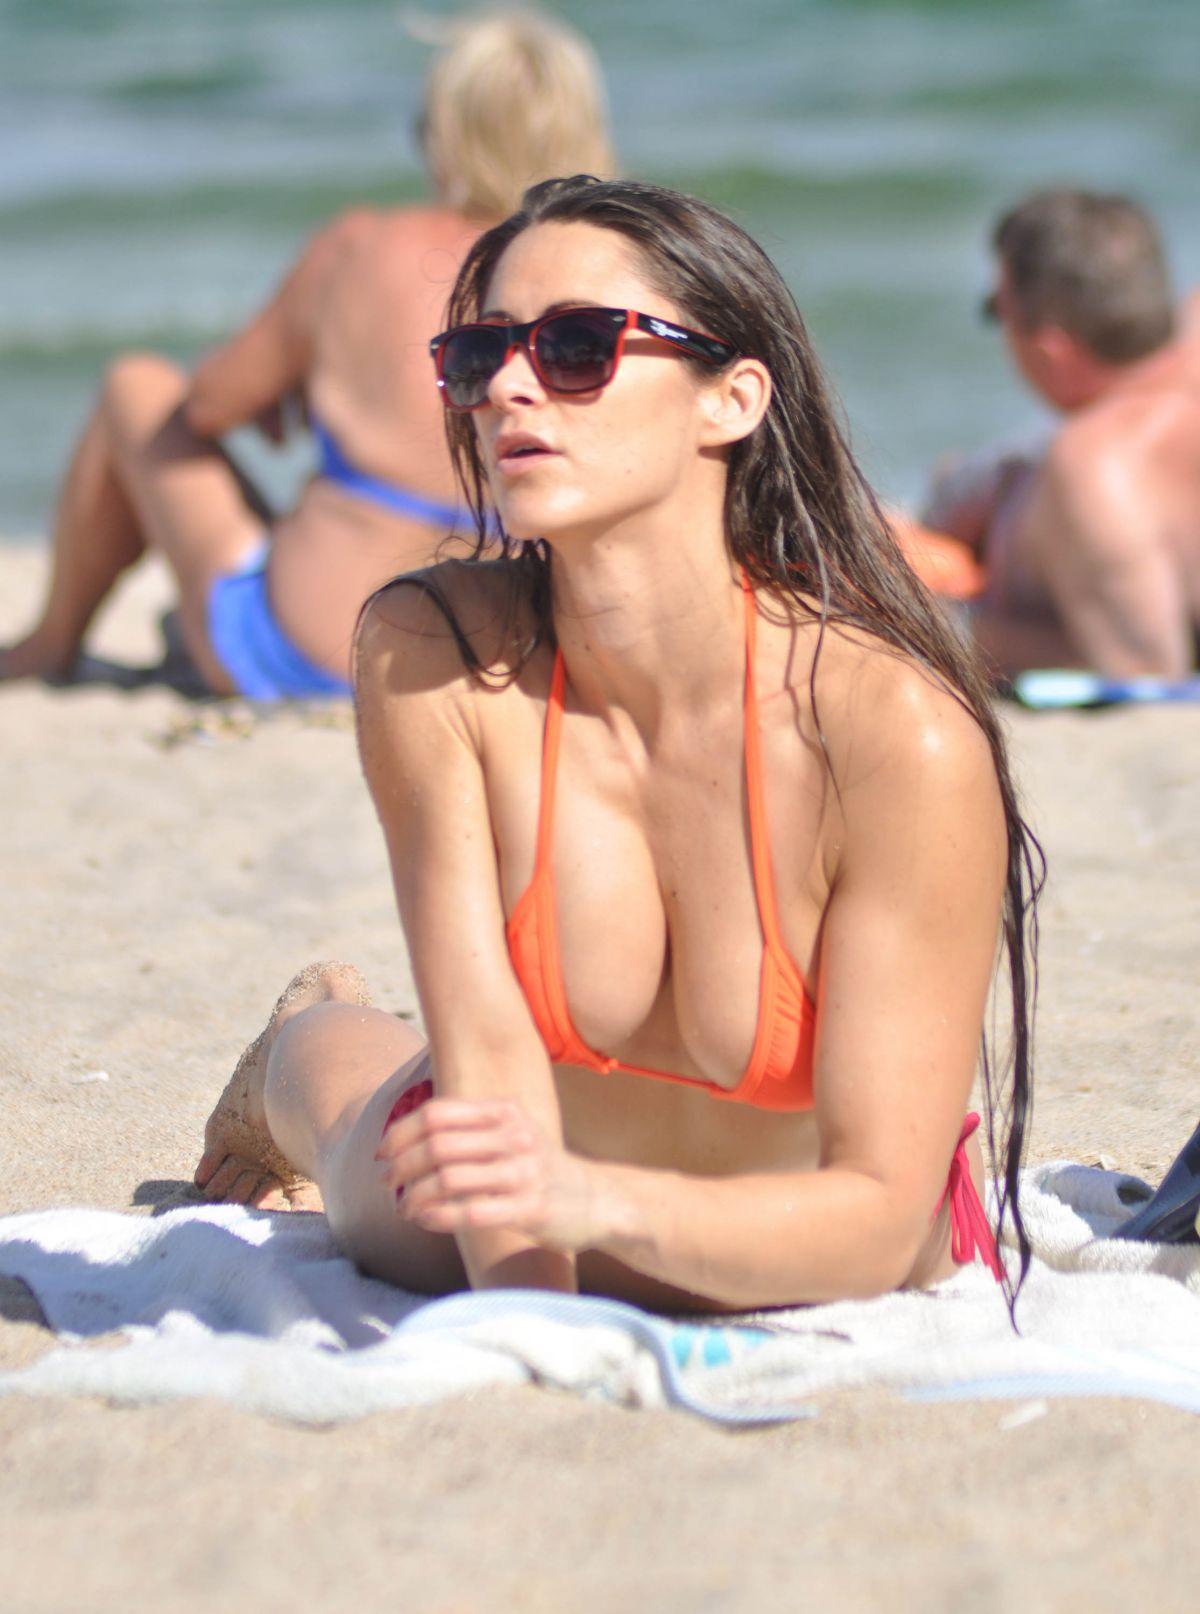 ANAIS ZANOTTI In Bikini On The Beach In Miami HawtCelebs